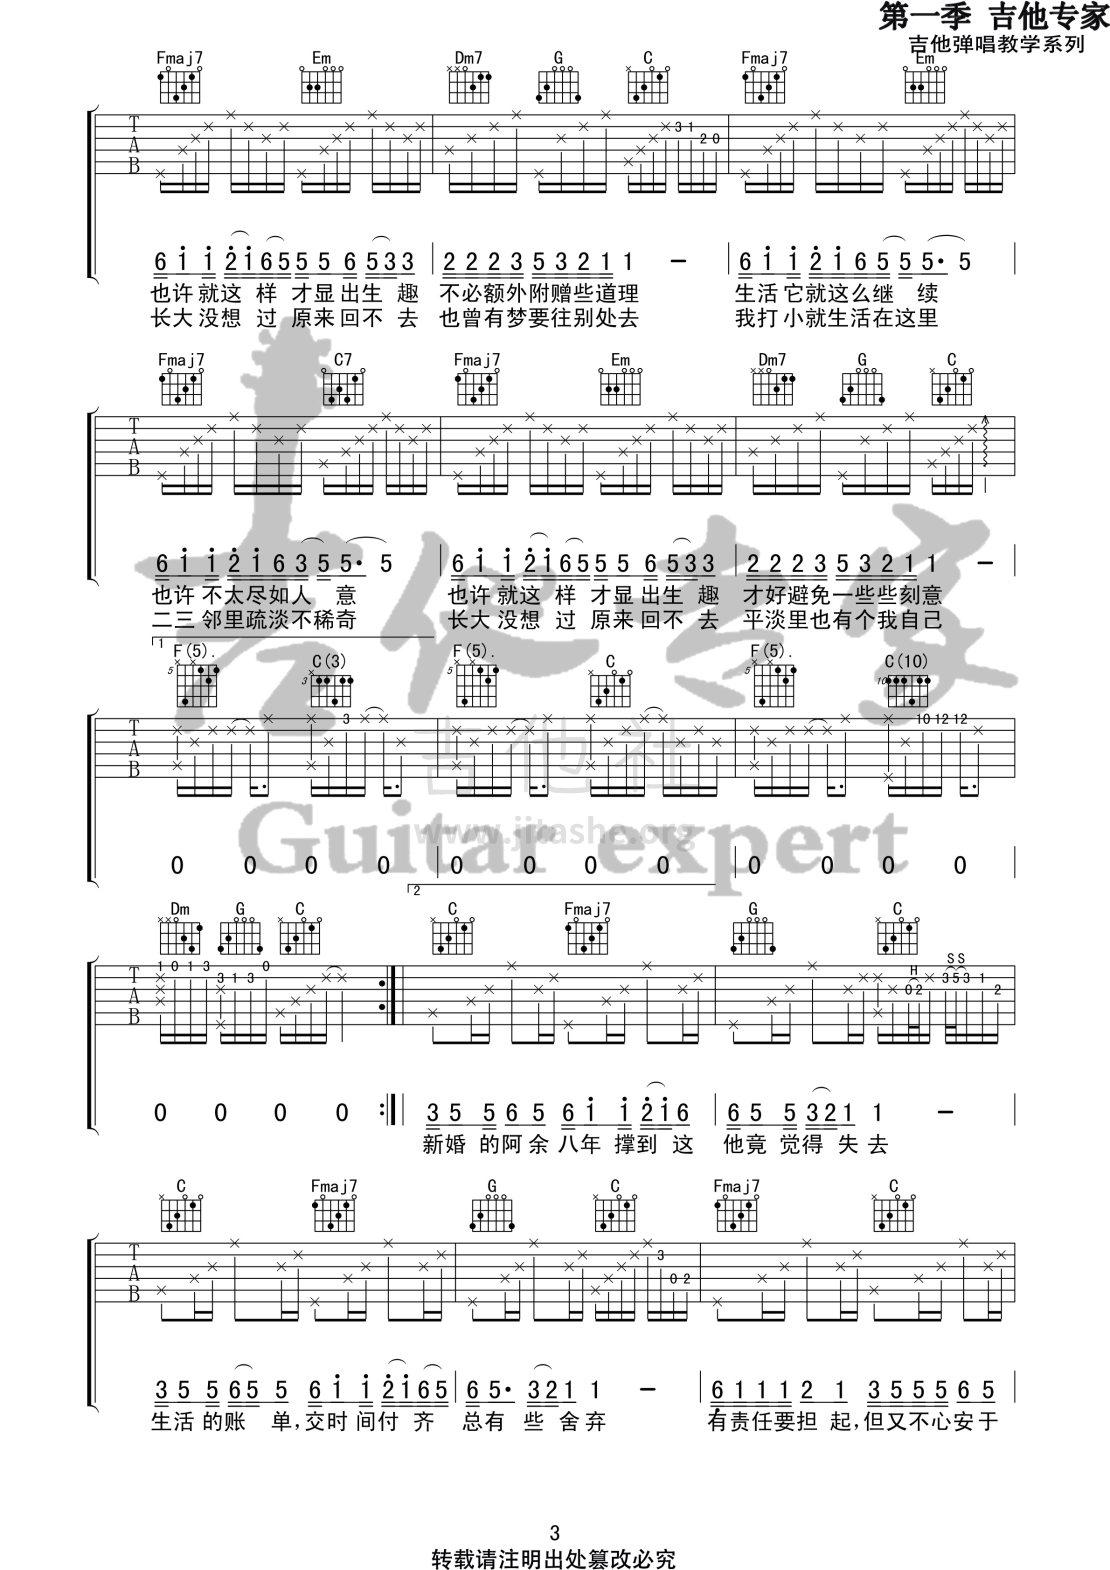 北区楼四(音艺吉他专家弹唱教学:第一季第58集)吉他谱(图片谱,弹唱,伴奏,教程)_刘昊霖_北区楼四3 第一季第五十八集.jpg